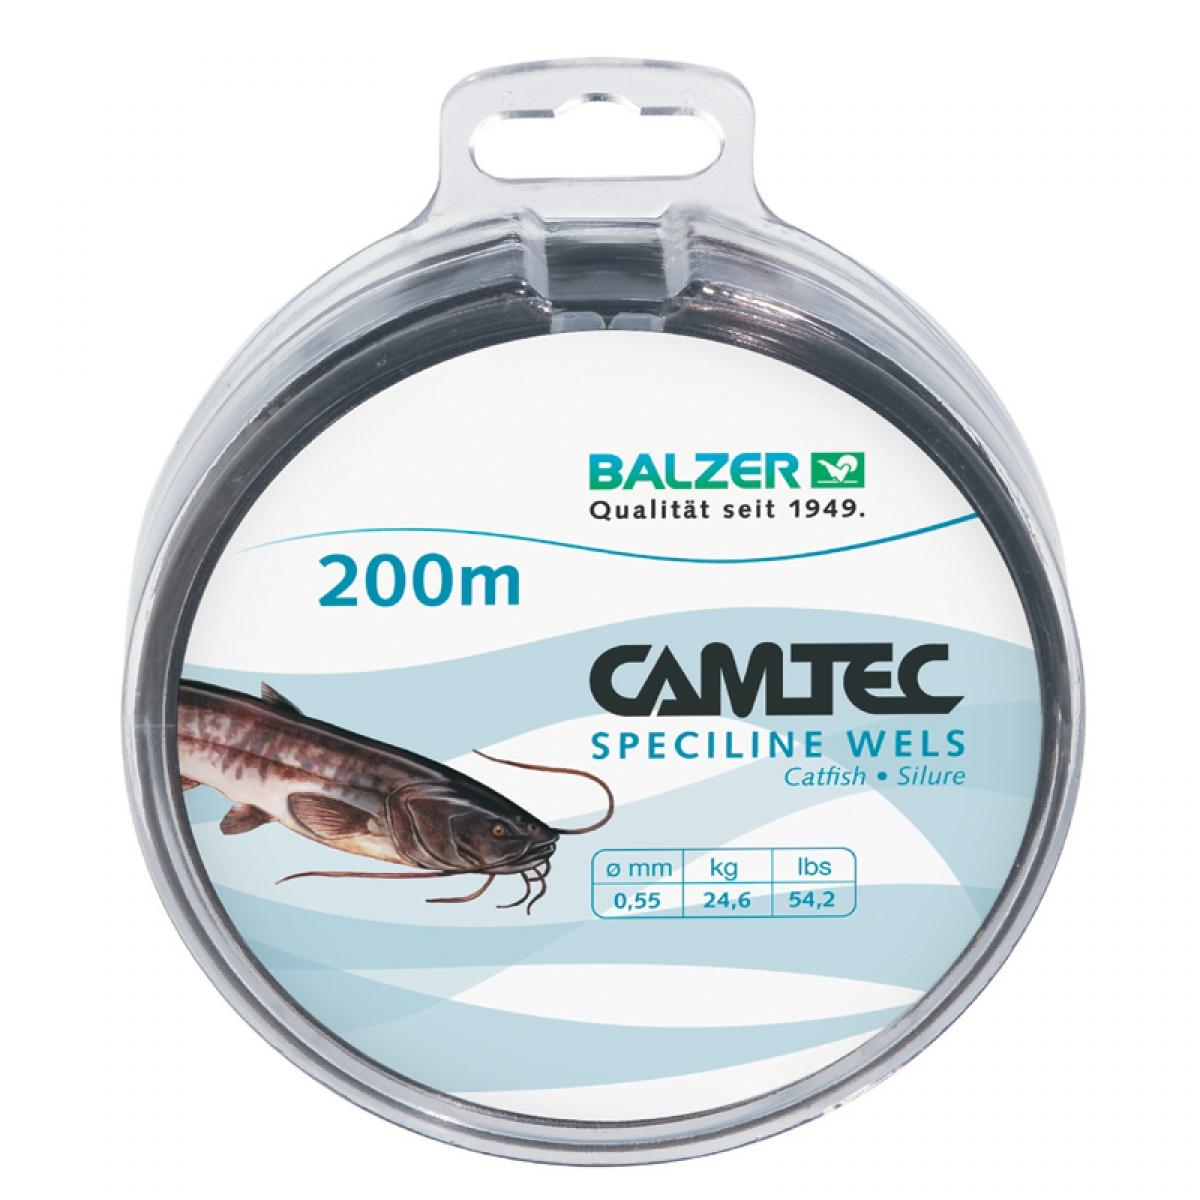 Camtec Schnur Wels 0,55 mm